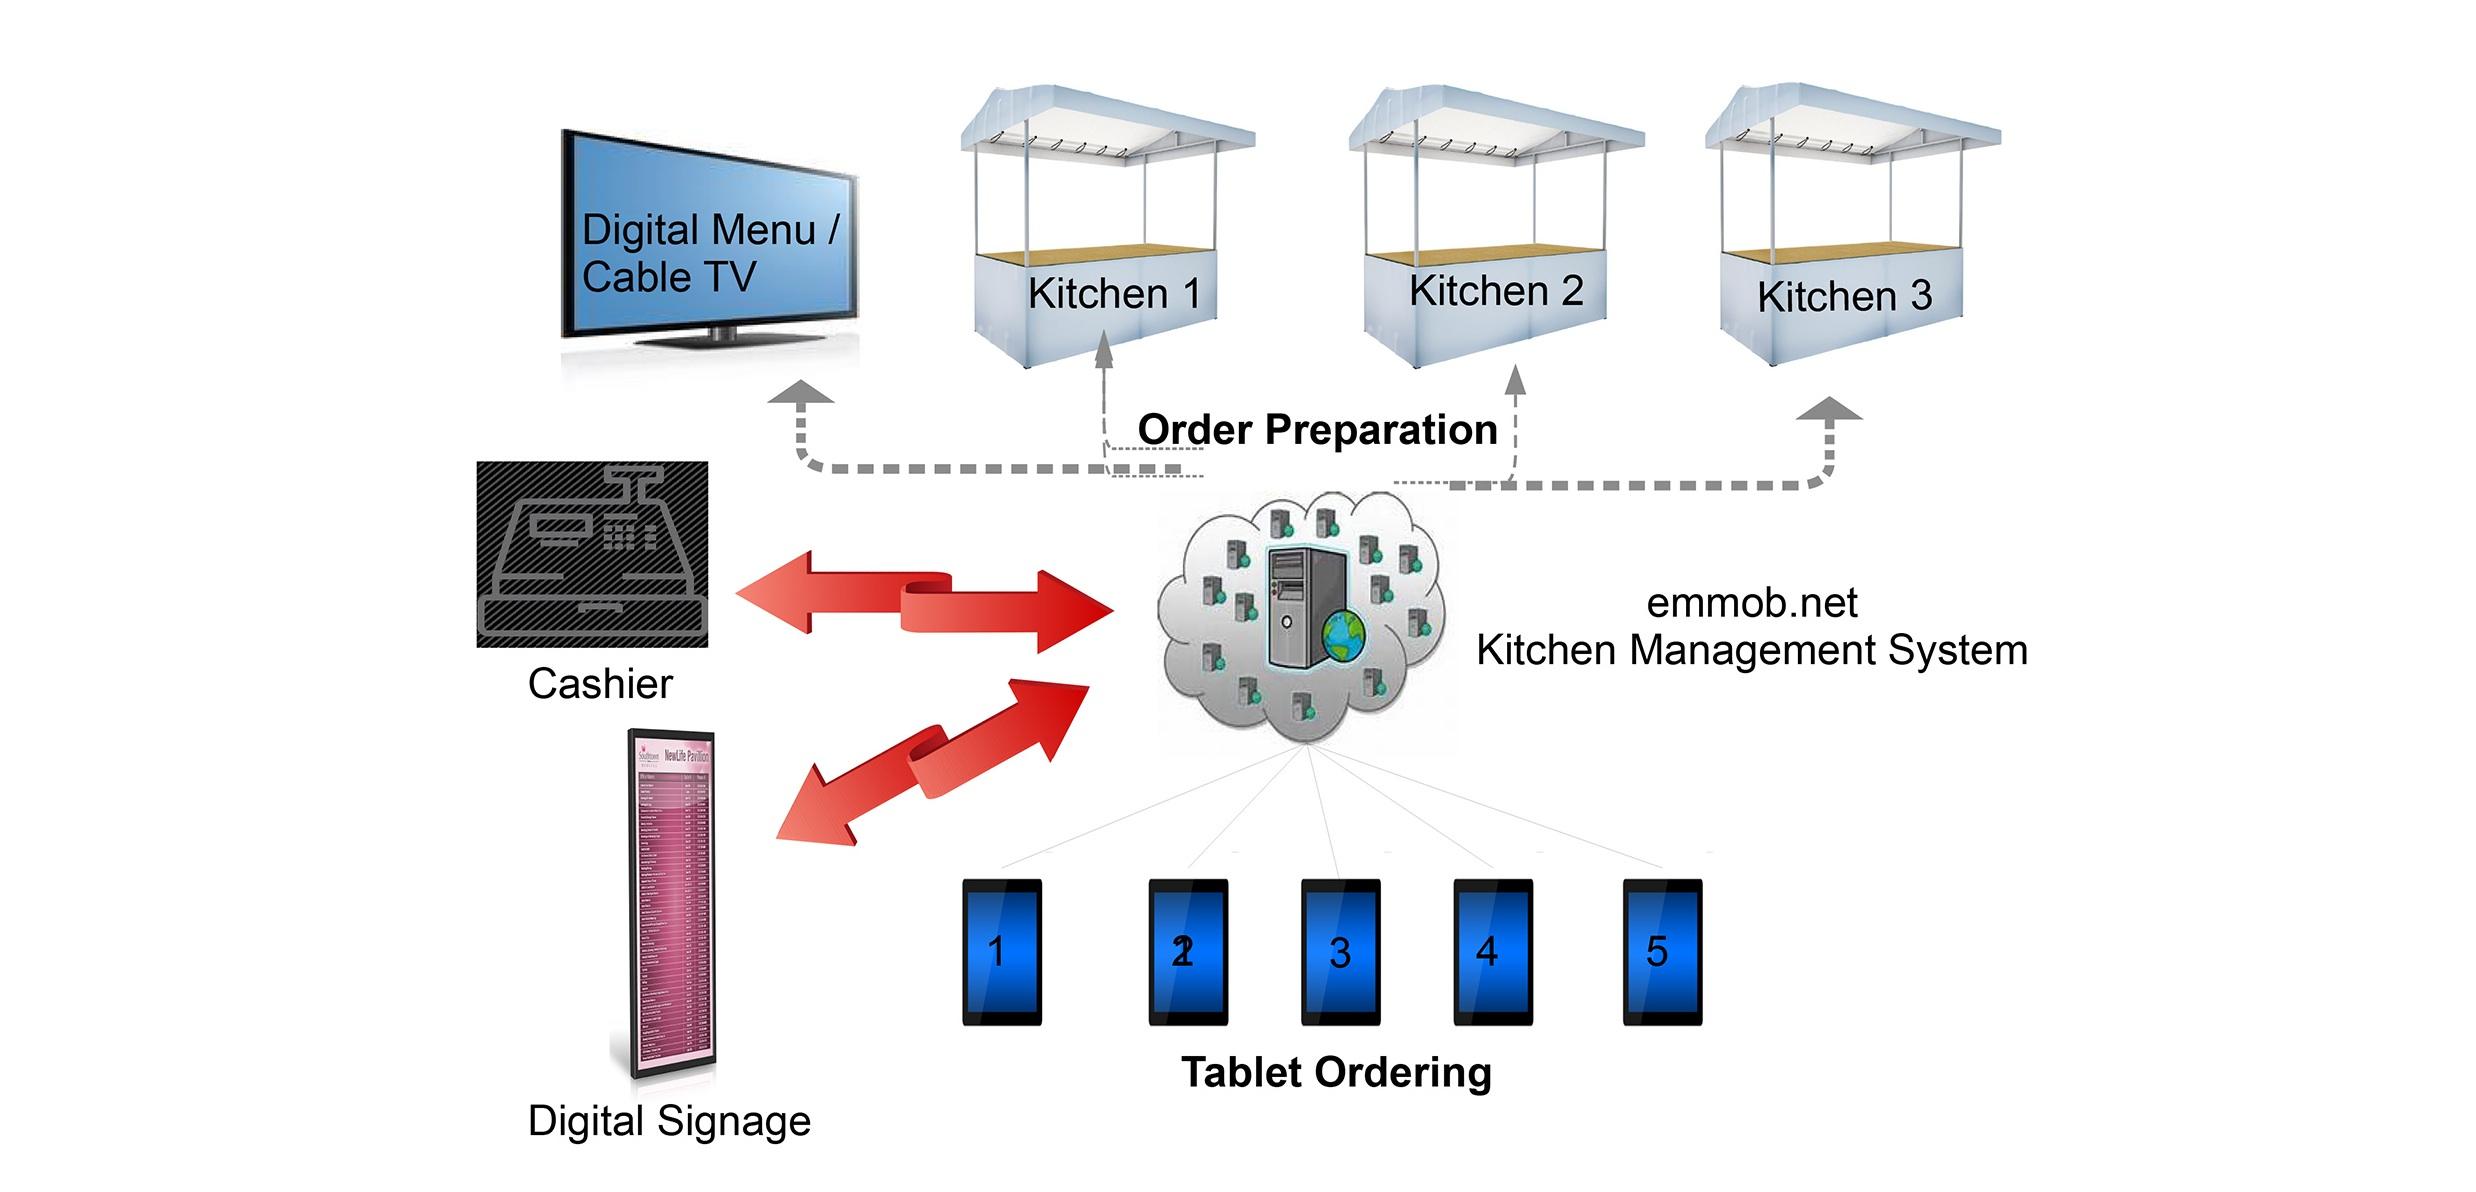 Kms Emmob Net